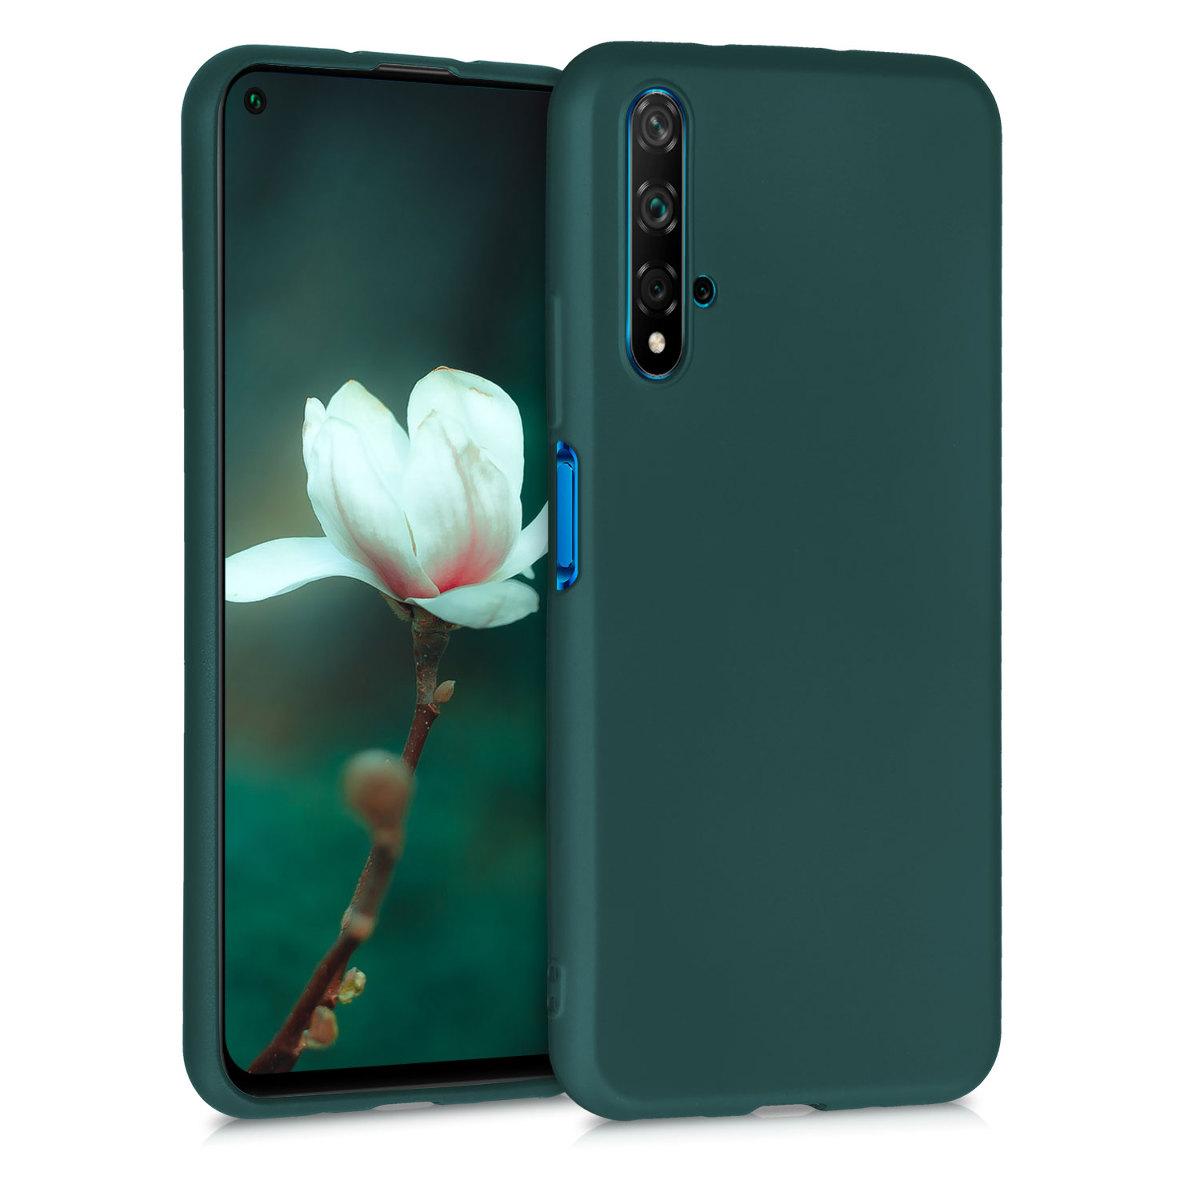 Pouzdro / obal pro Huawei Nova 5T